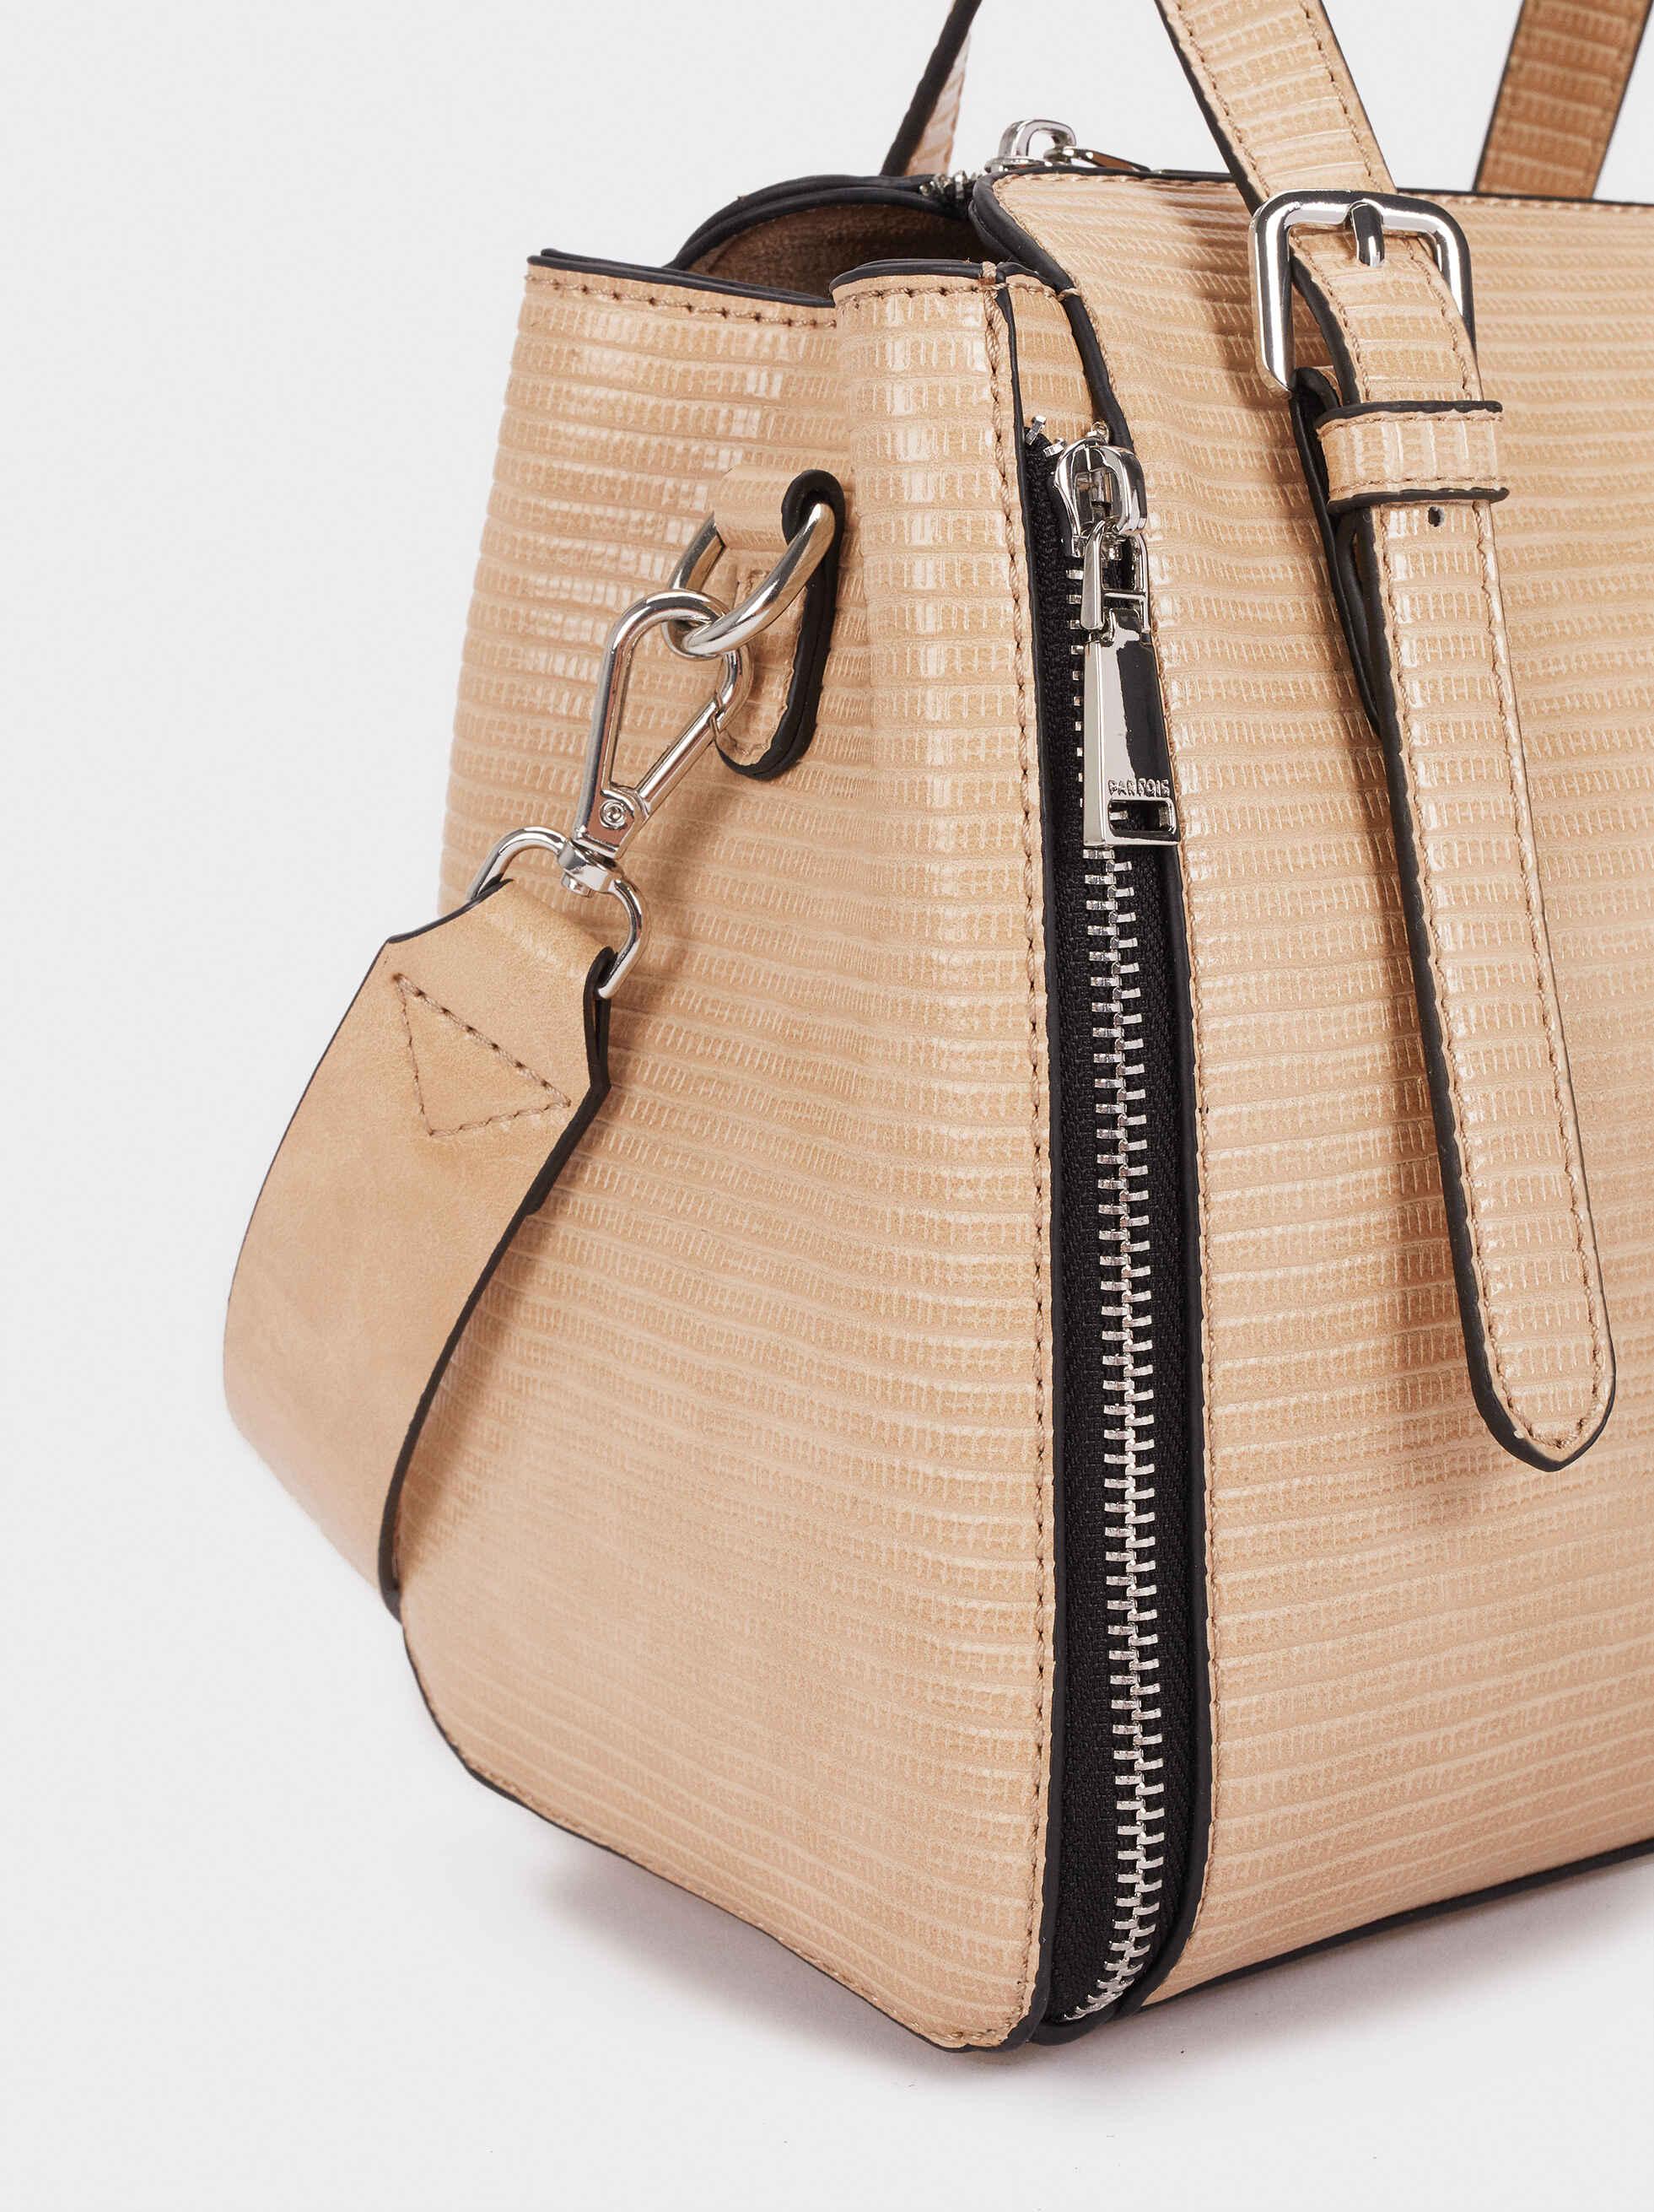 Embossed Animal Print Tote Bag With Zip Detailing, Beige, hi-res